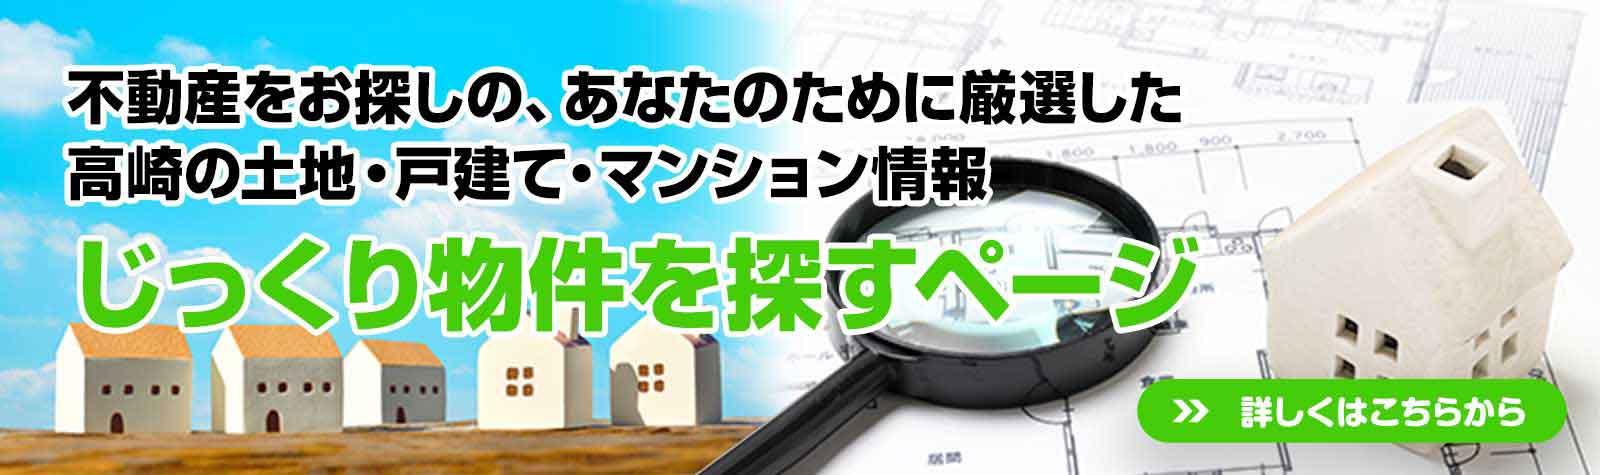 不動産をお探しの、あなたのために厳選した 高崎の土地・戸建て・マンション情報 じっくり物件を探すページ